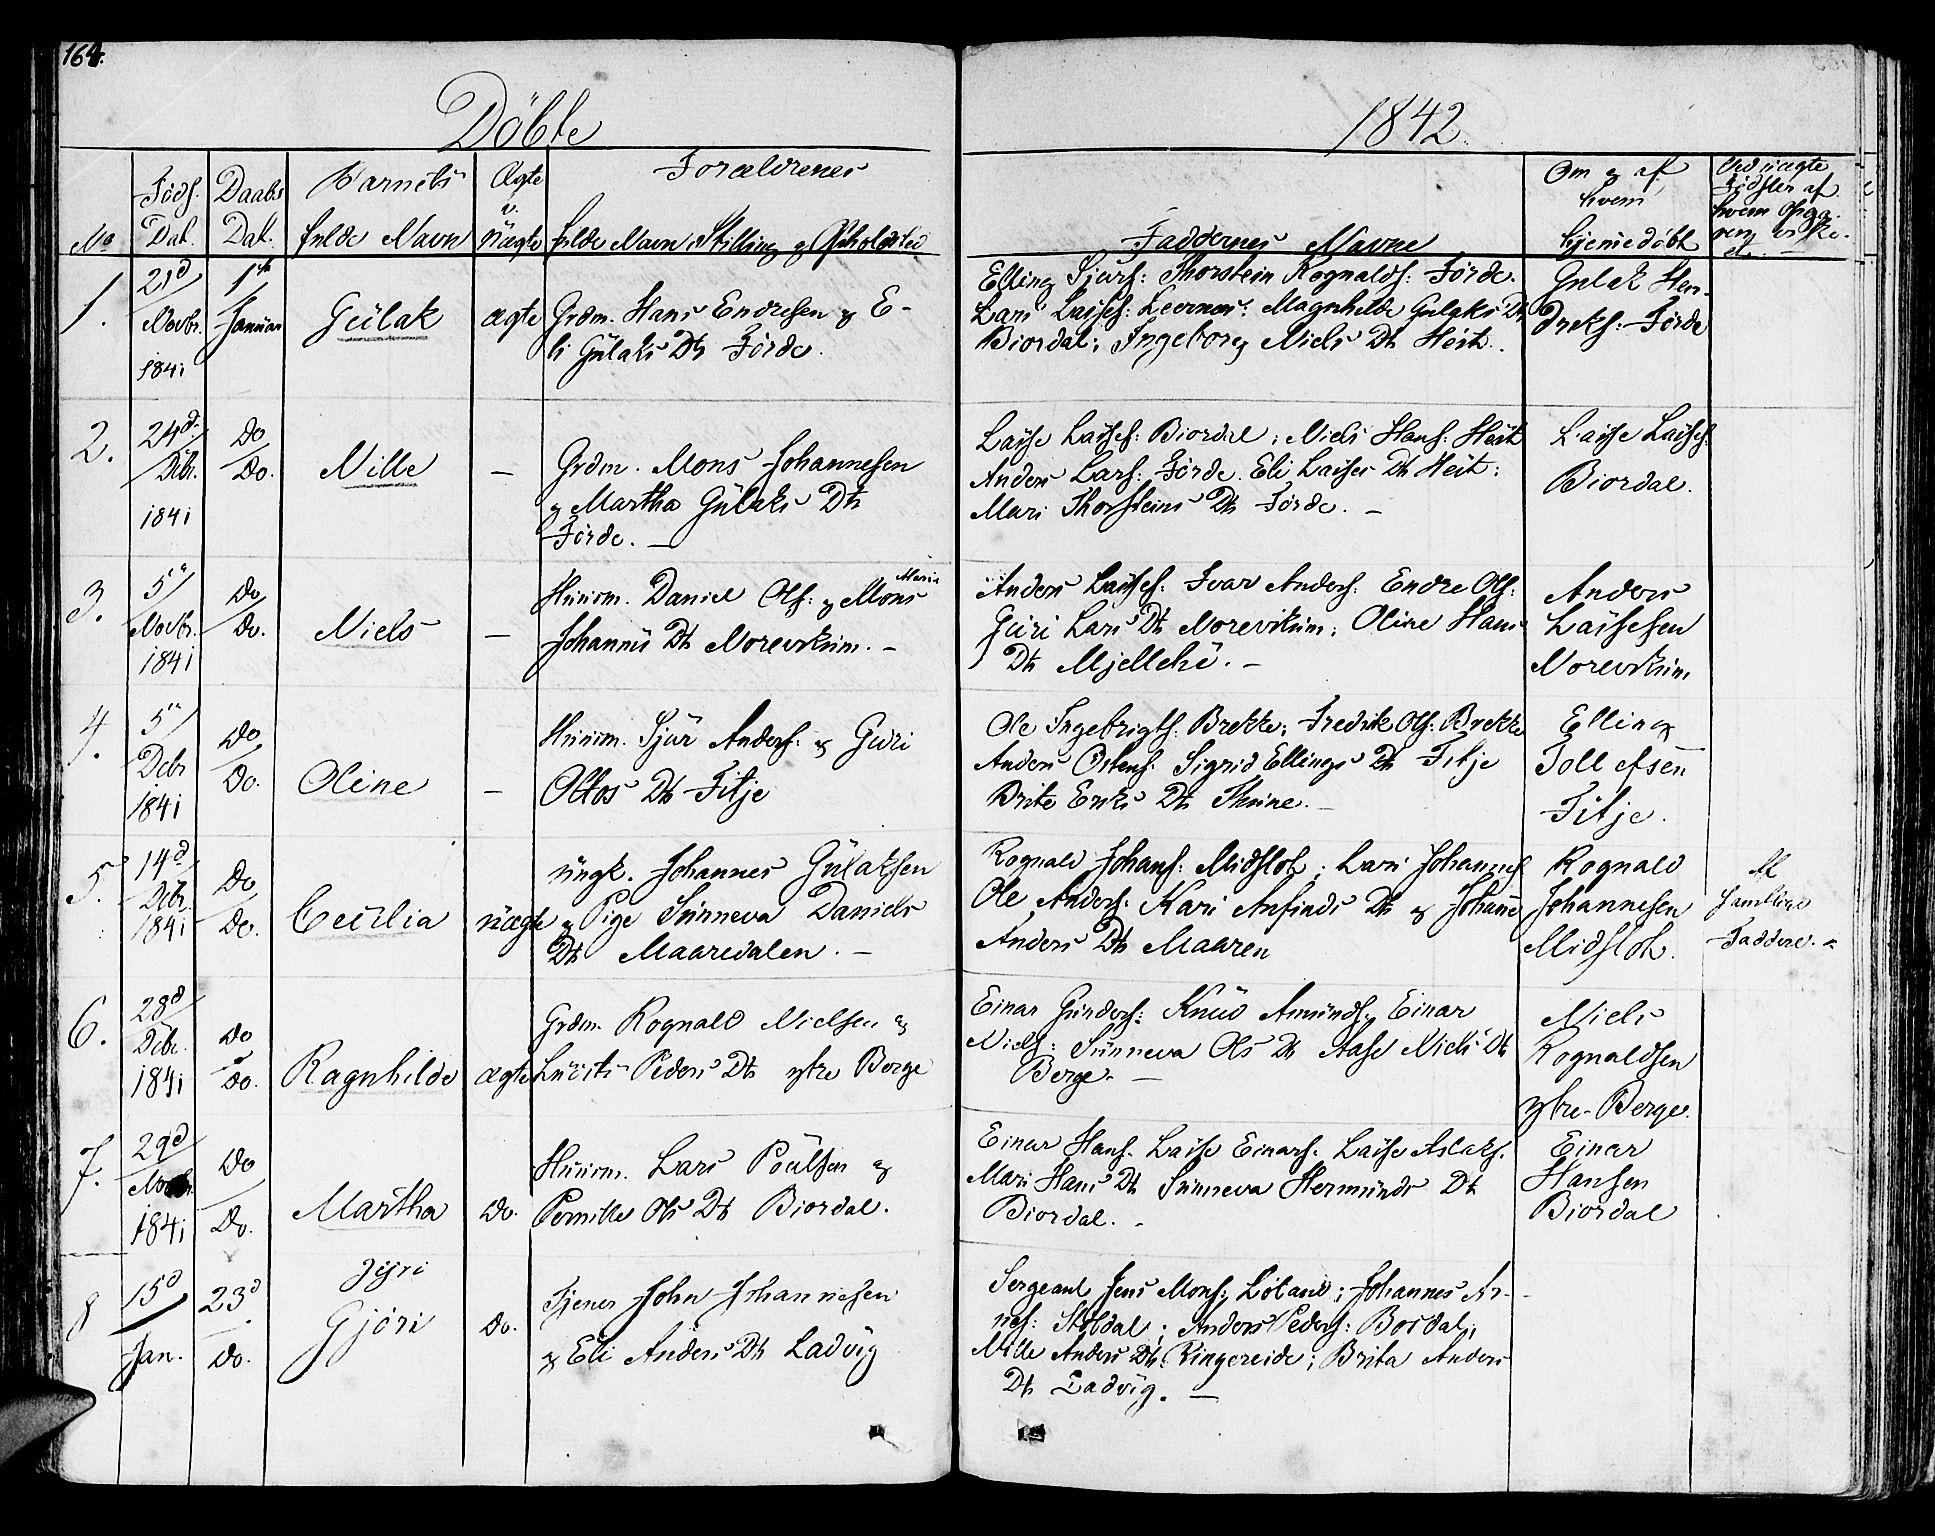 SAB, Lavik sokneprestembete, Ministerialbok nr. A 2I, 1821-1842, s. 164